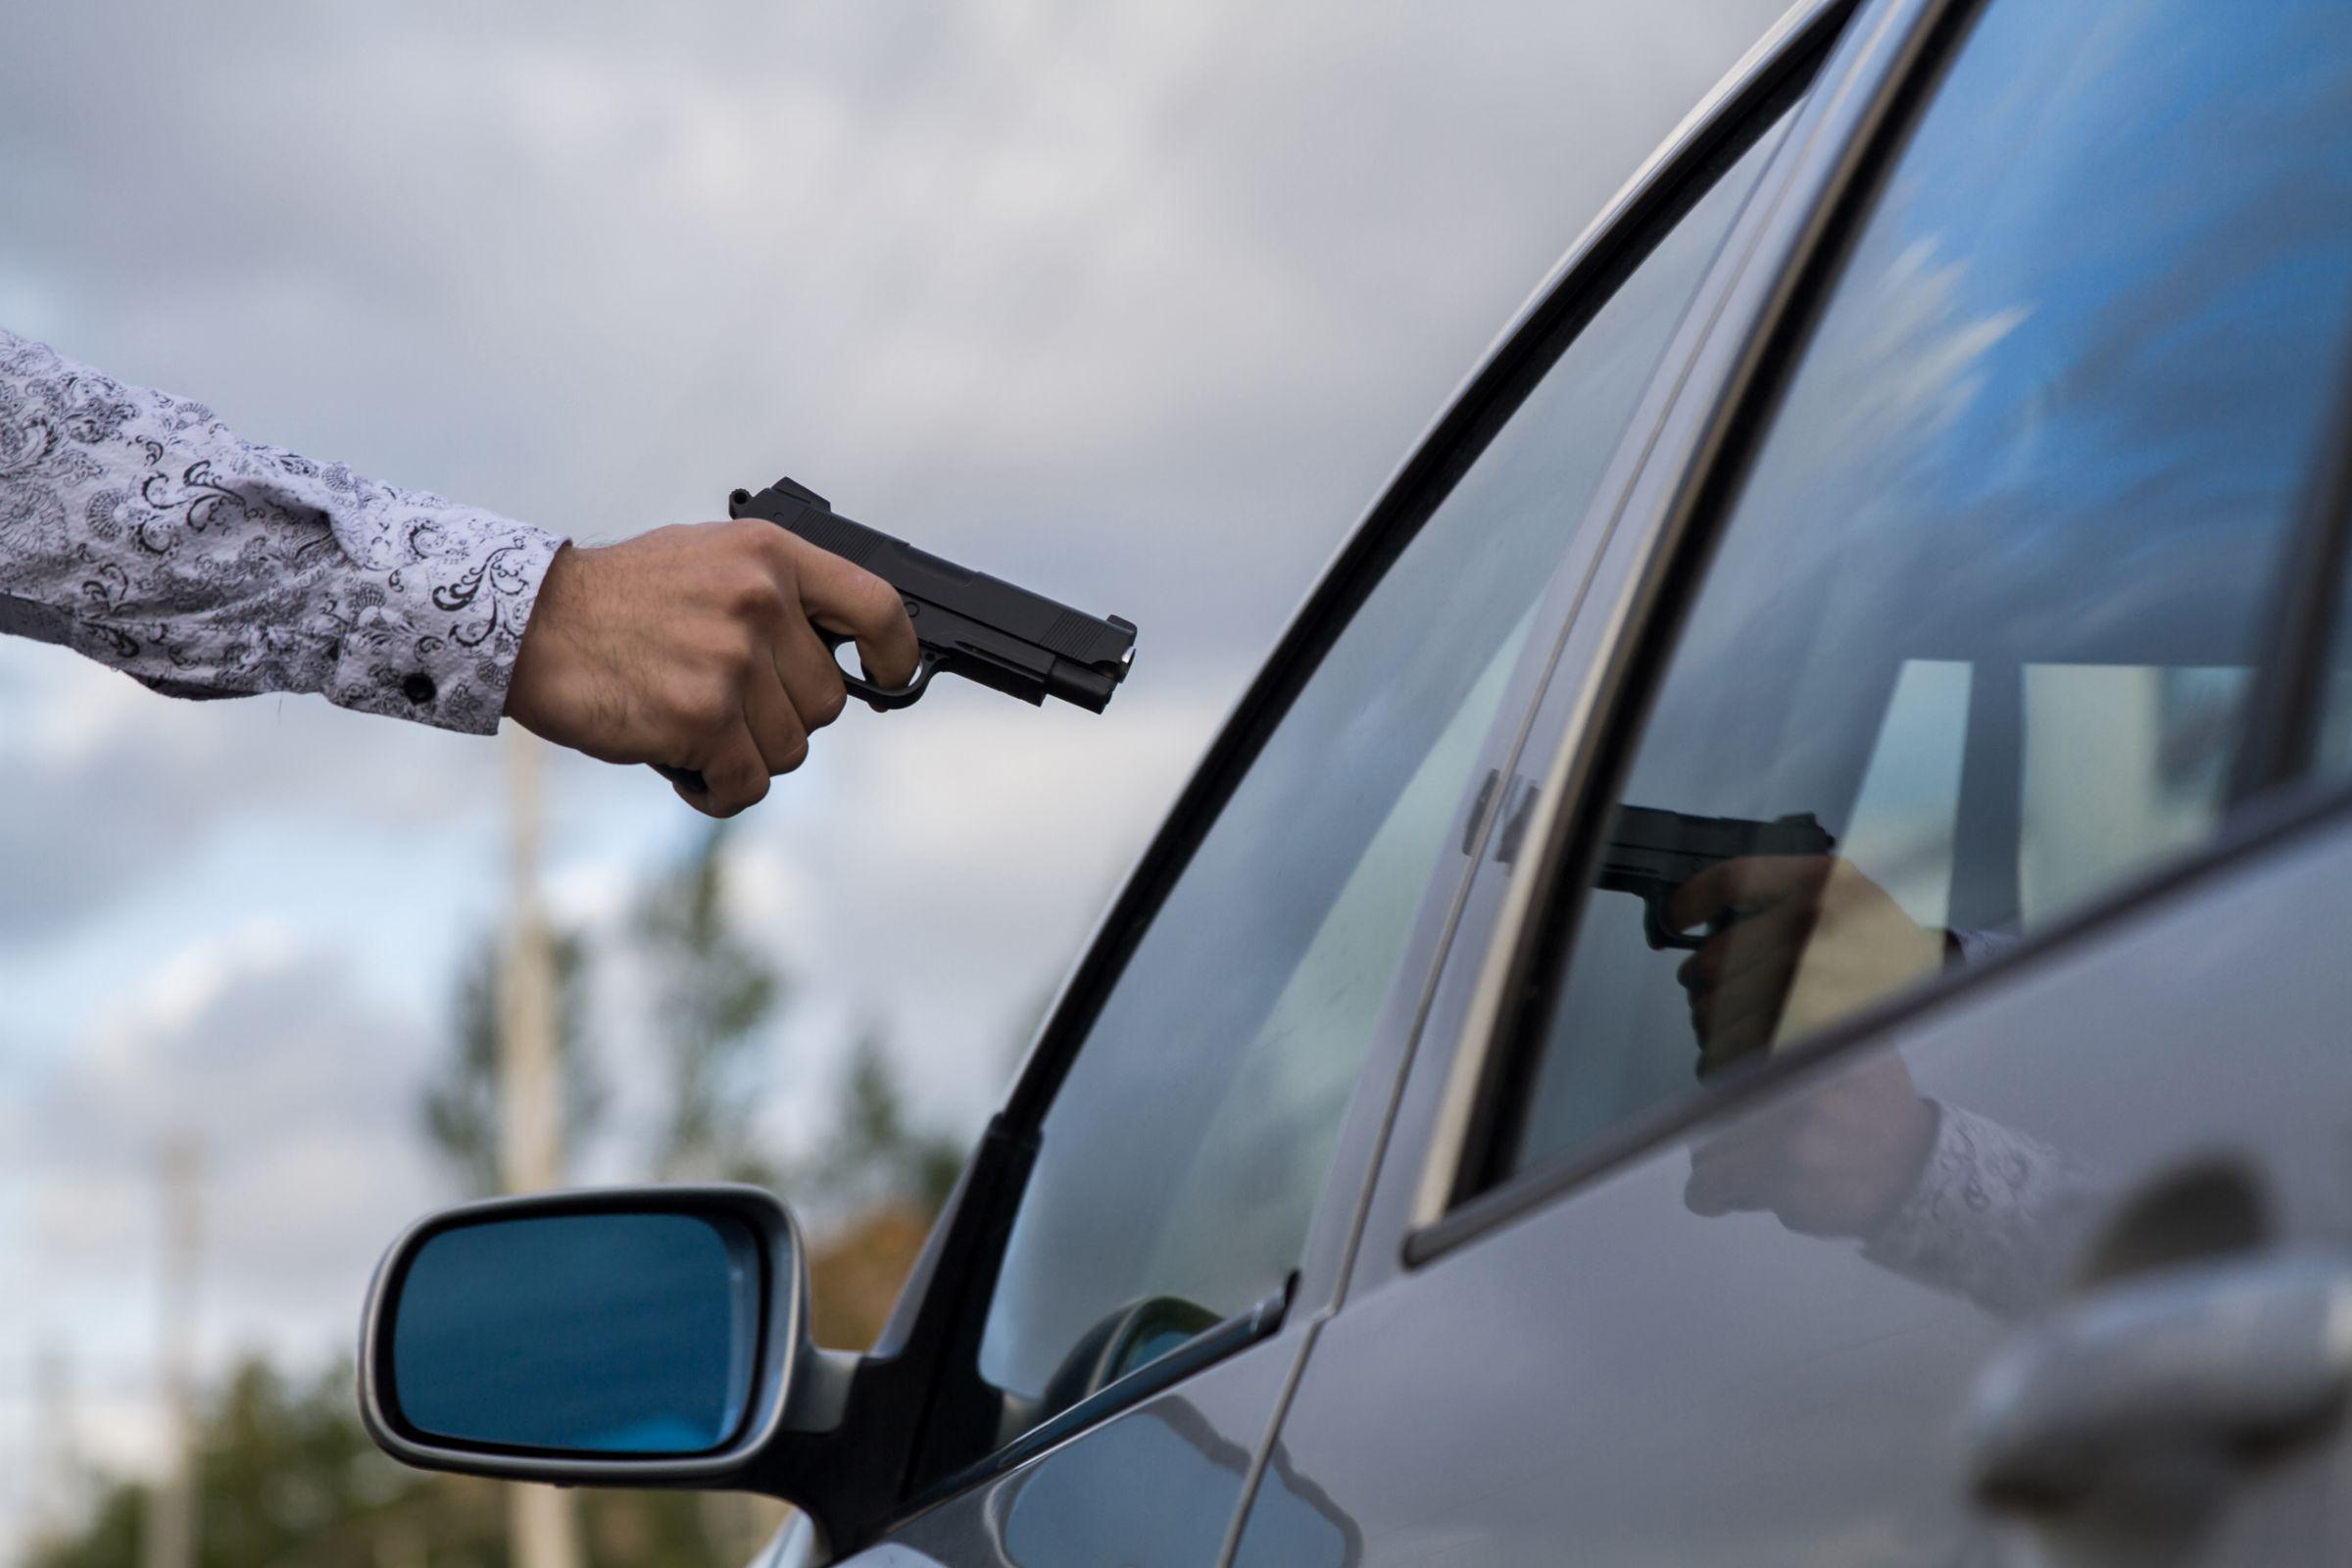 mão masculina apontando arma de fogo para vidro de carro blindado